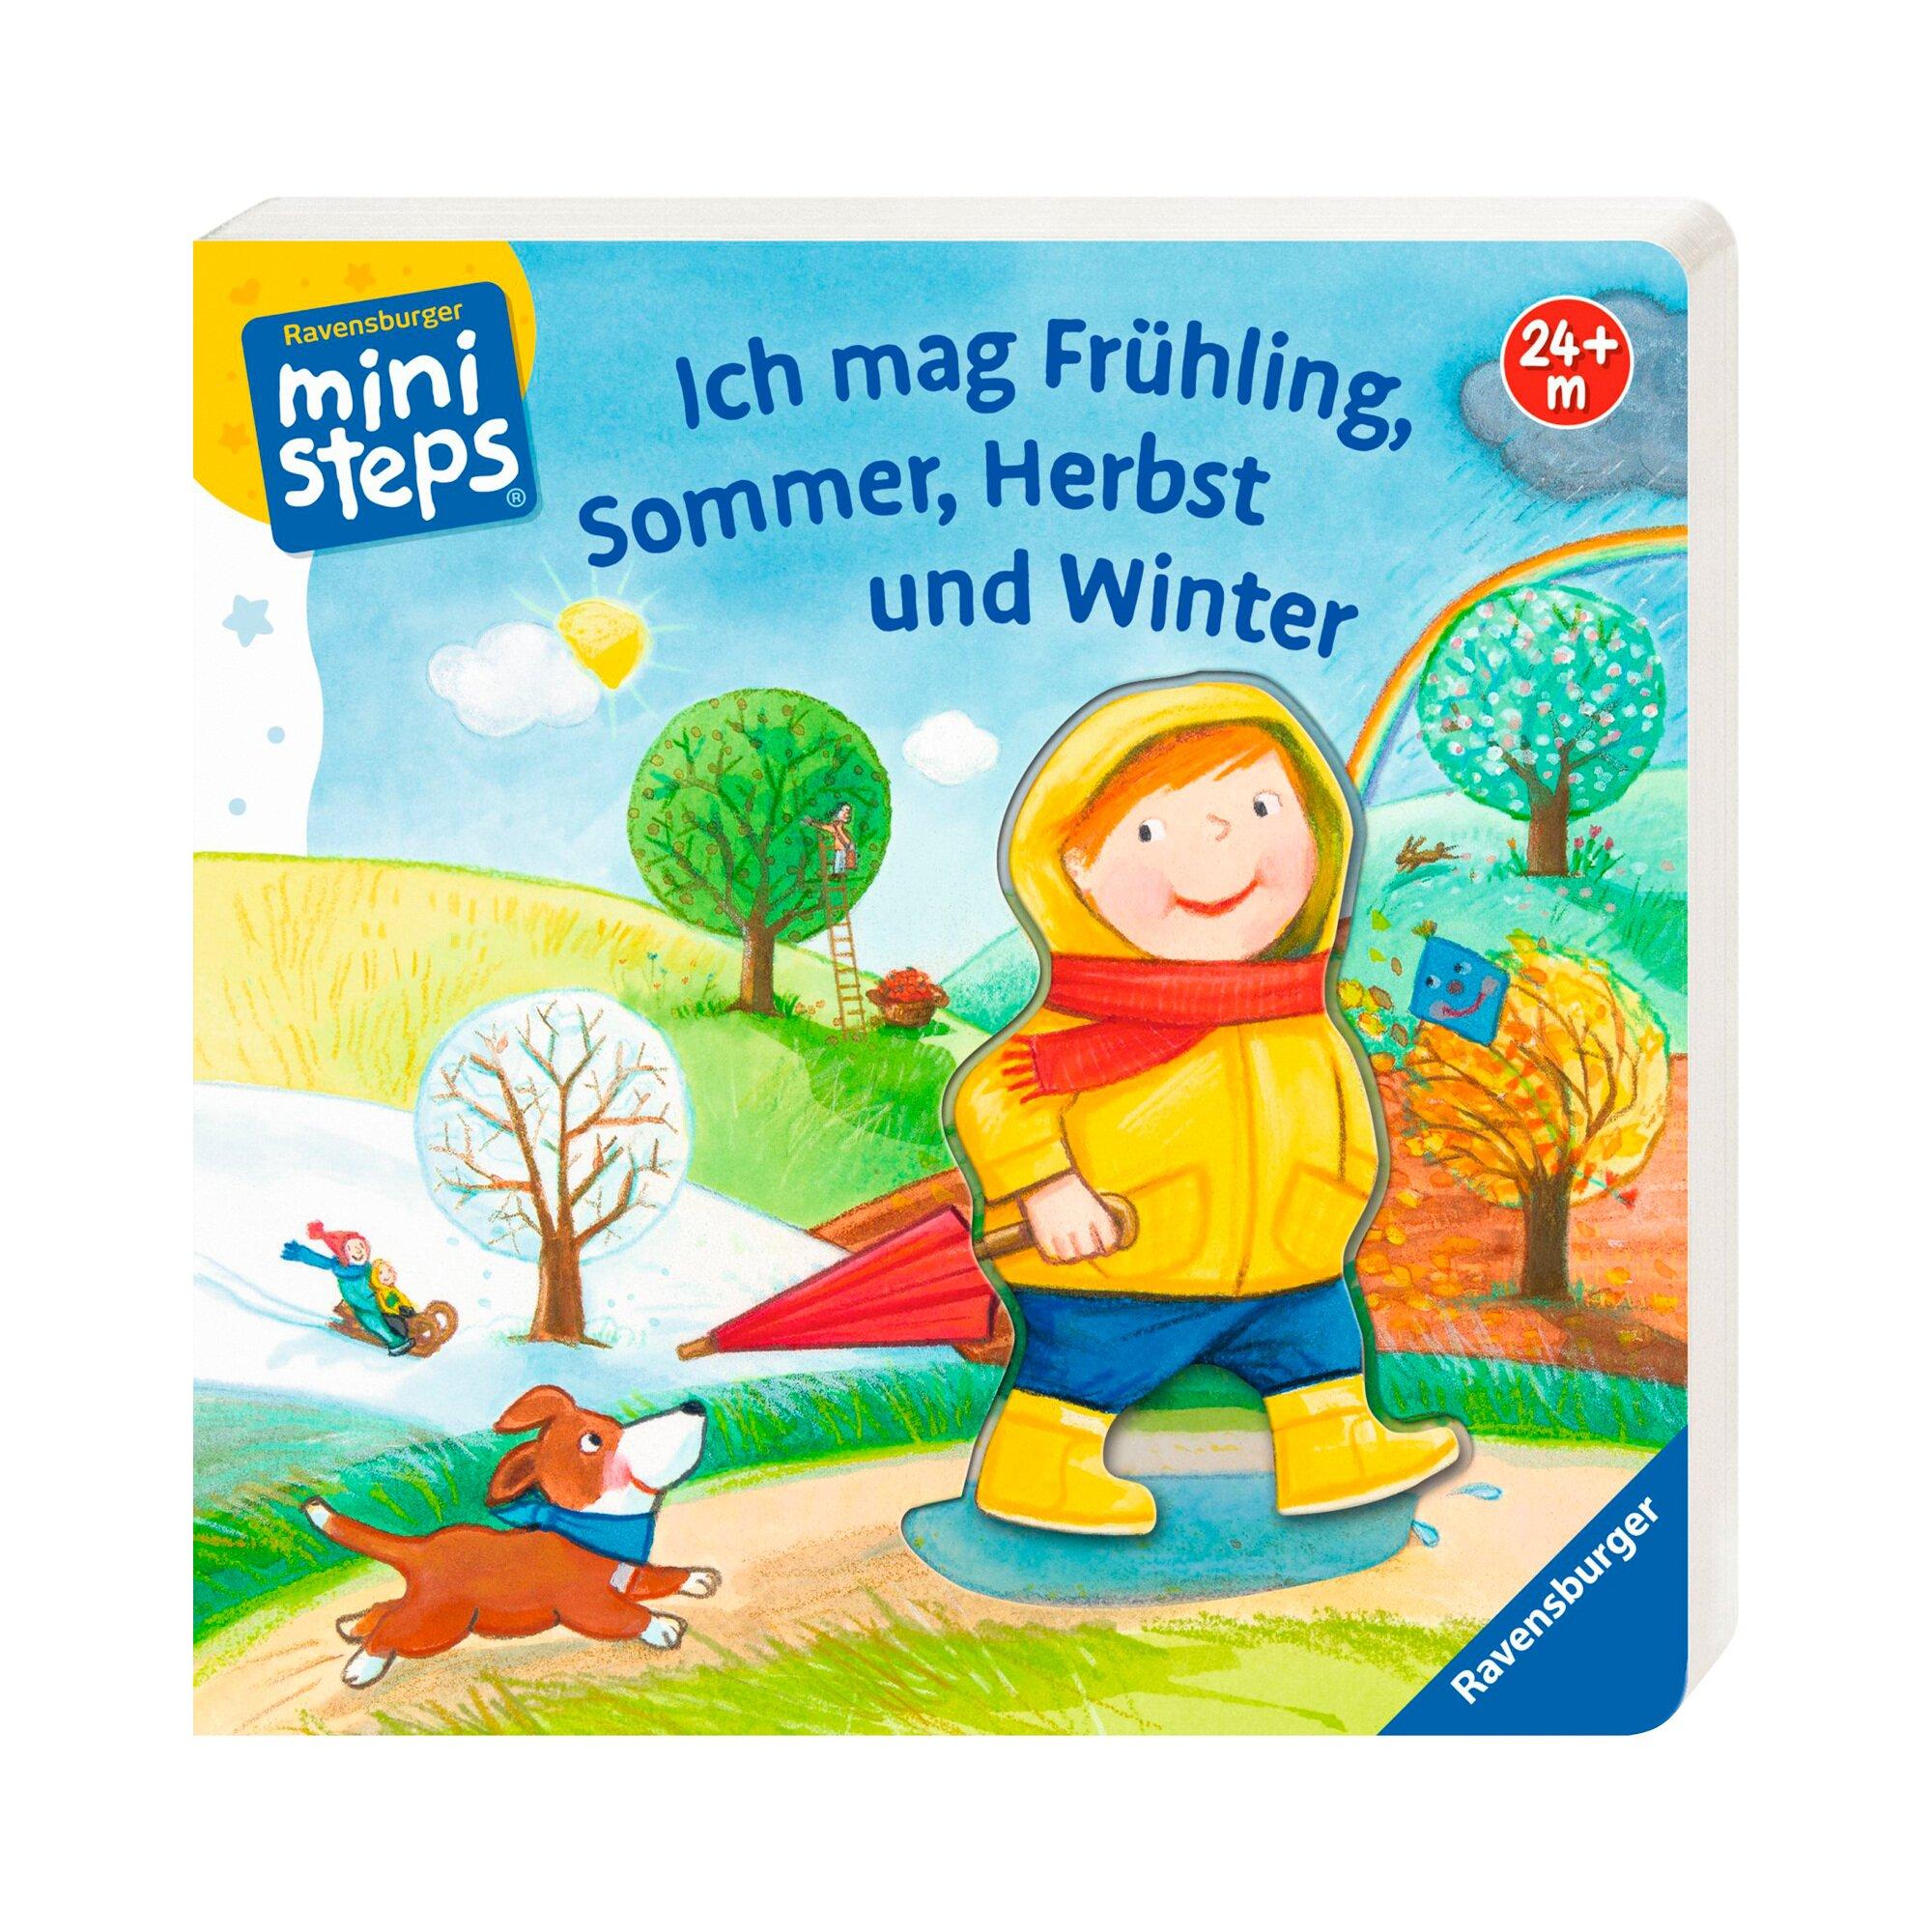 Ministeps Pappbilderbuch Ich mag Frühling, Sommer, Herbst und Winter